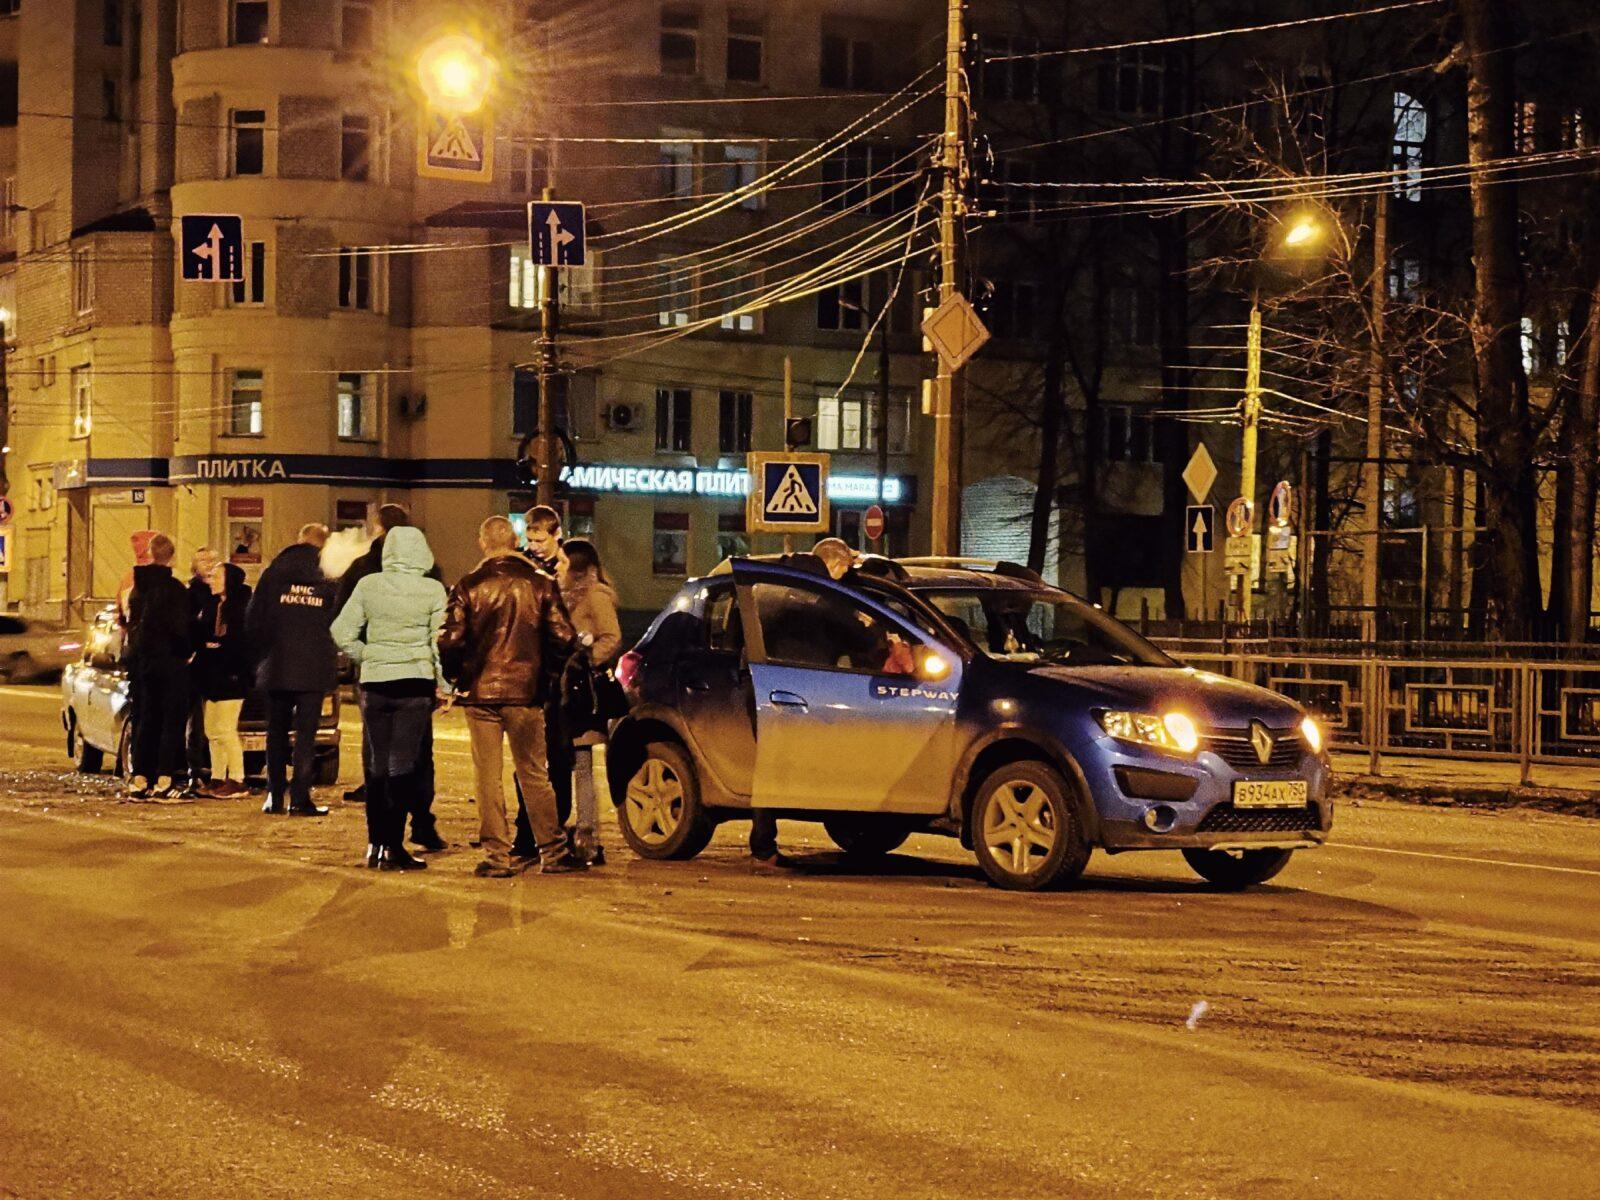 На улице Благоева в Твери произошло ДТП, есть пострадавший